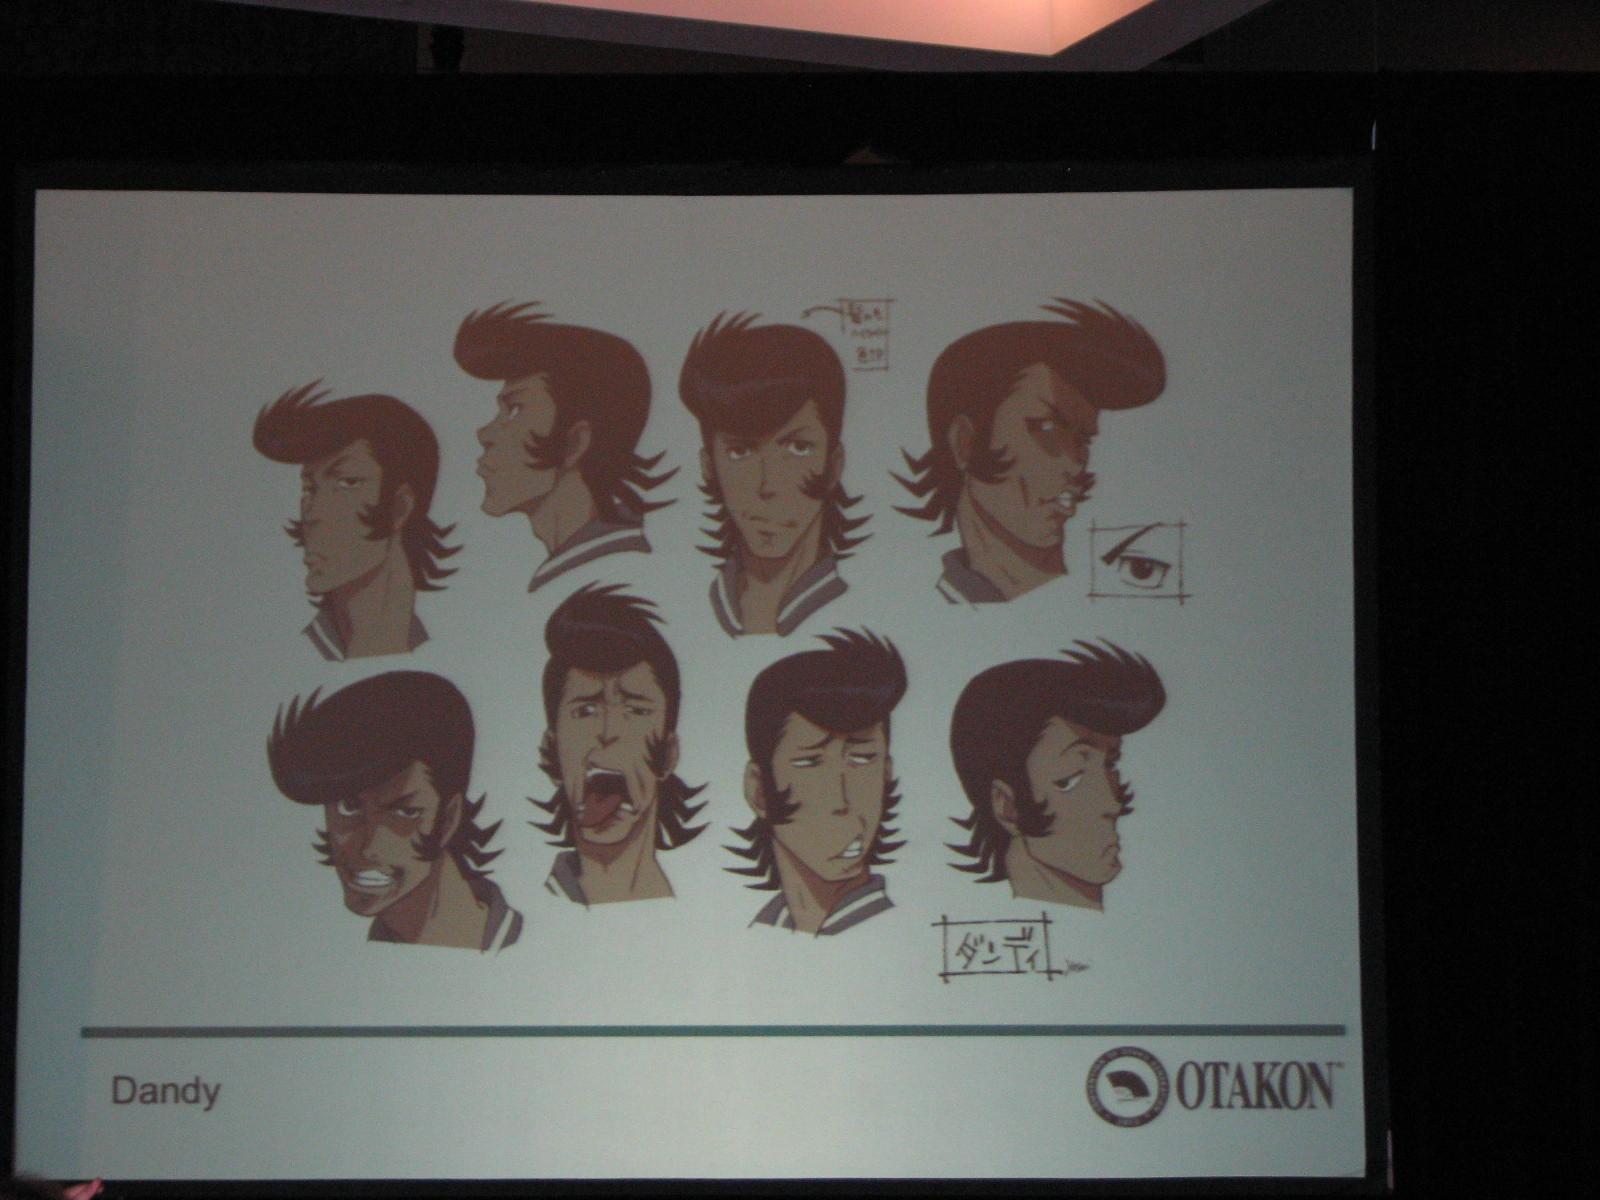 Dandy le protagoniste